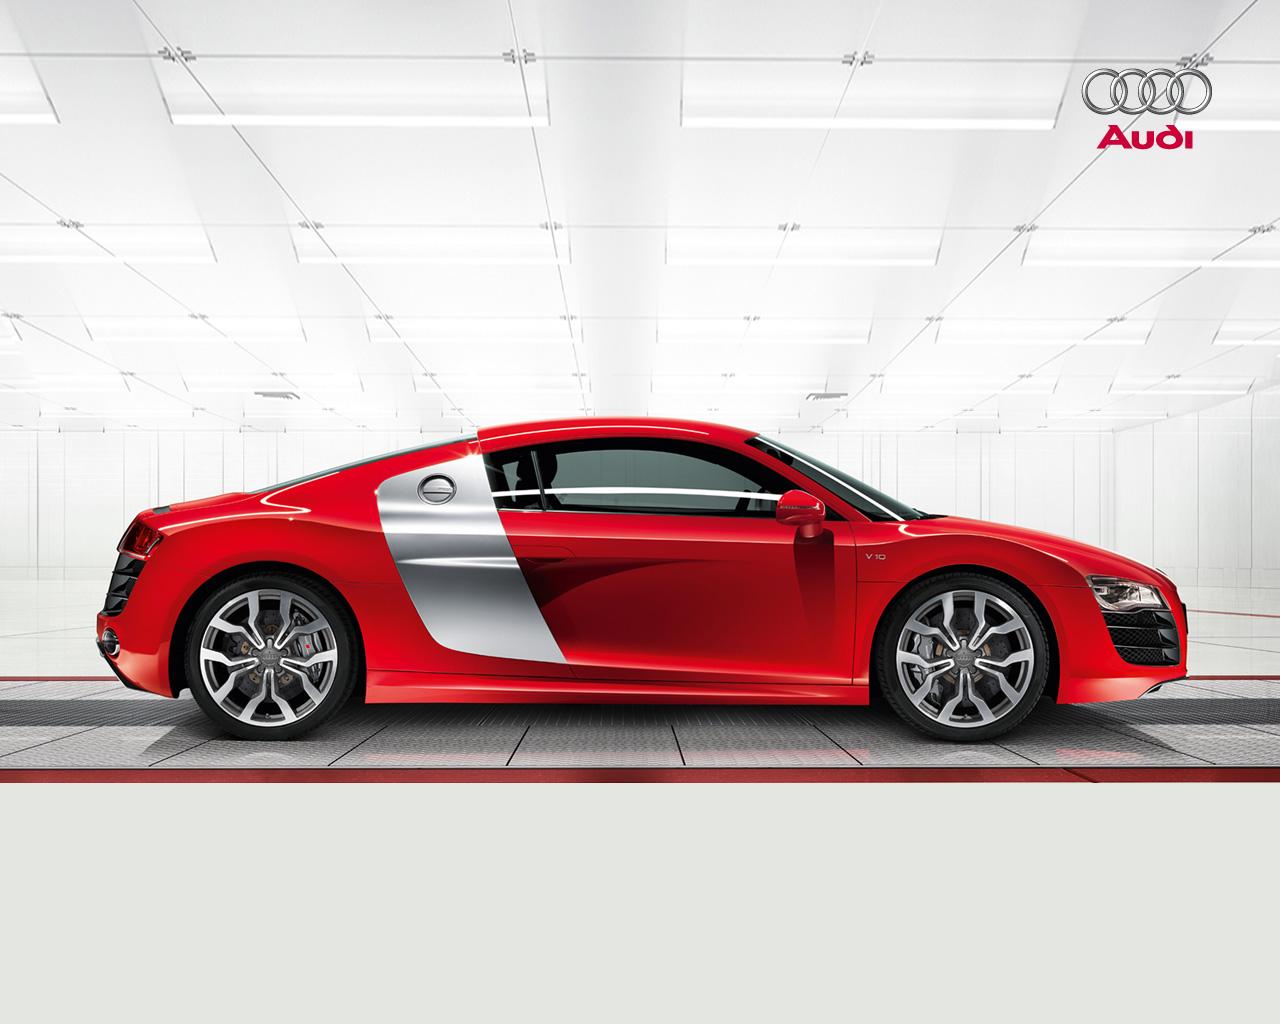 Hd Car Wallpapers Red Audi R8 Wallpaper